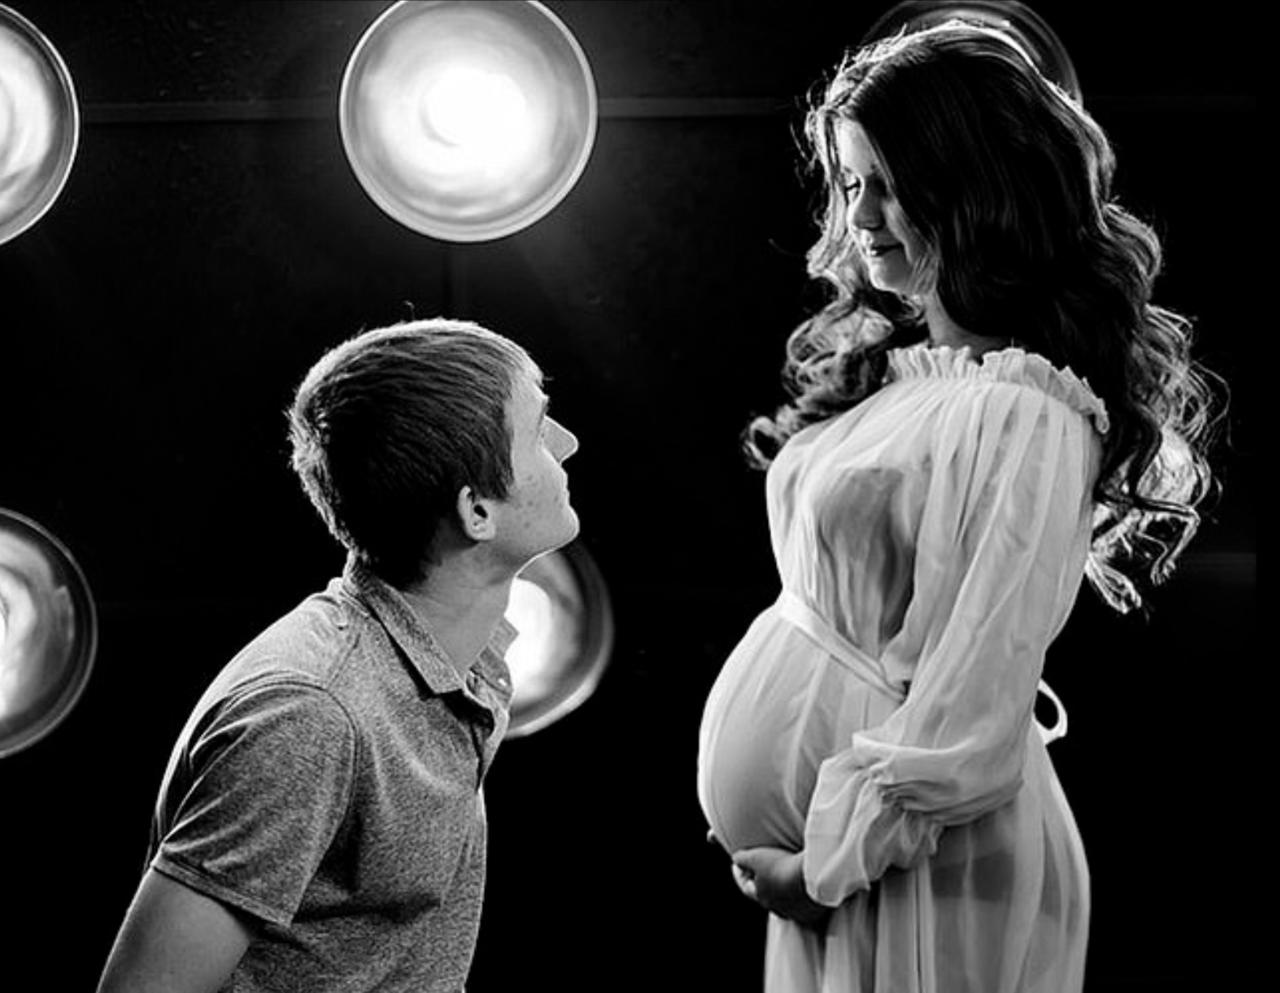 俄羅斯產婦愛麗莎(Alisa Tepikina)在懷孕期間與老公一同合照,如今腹...